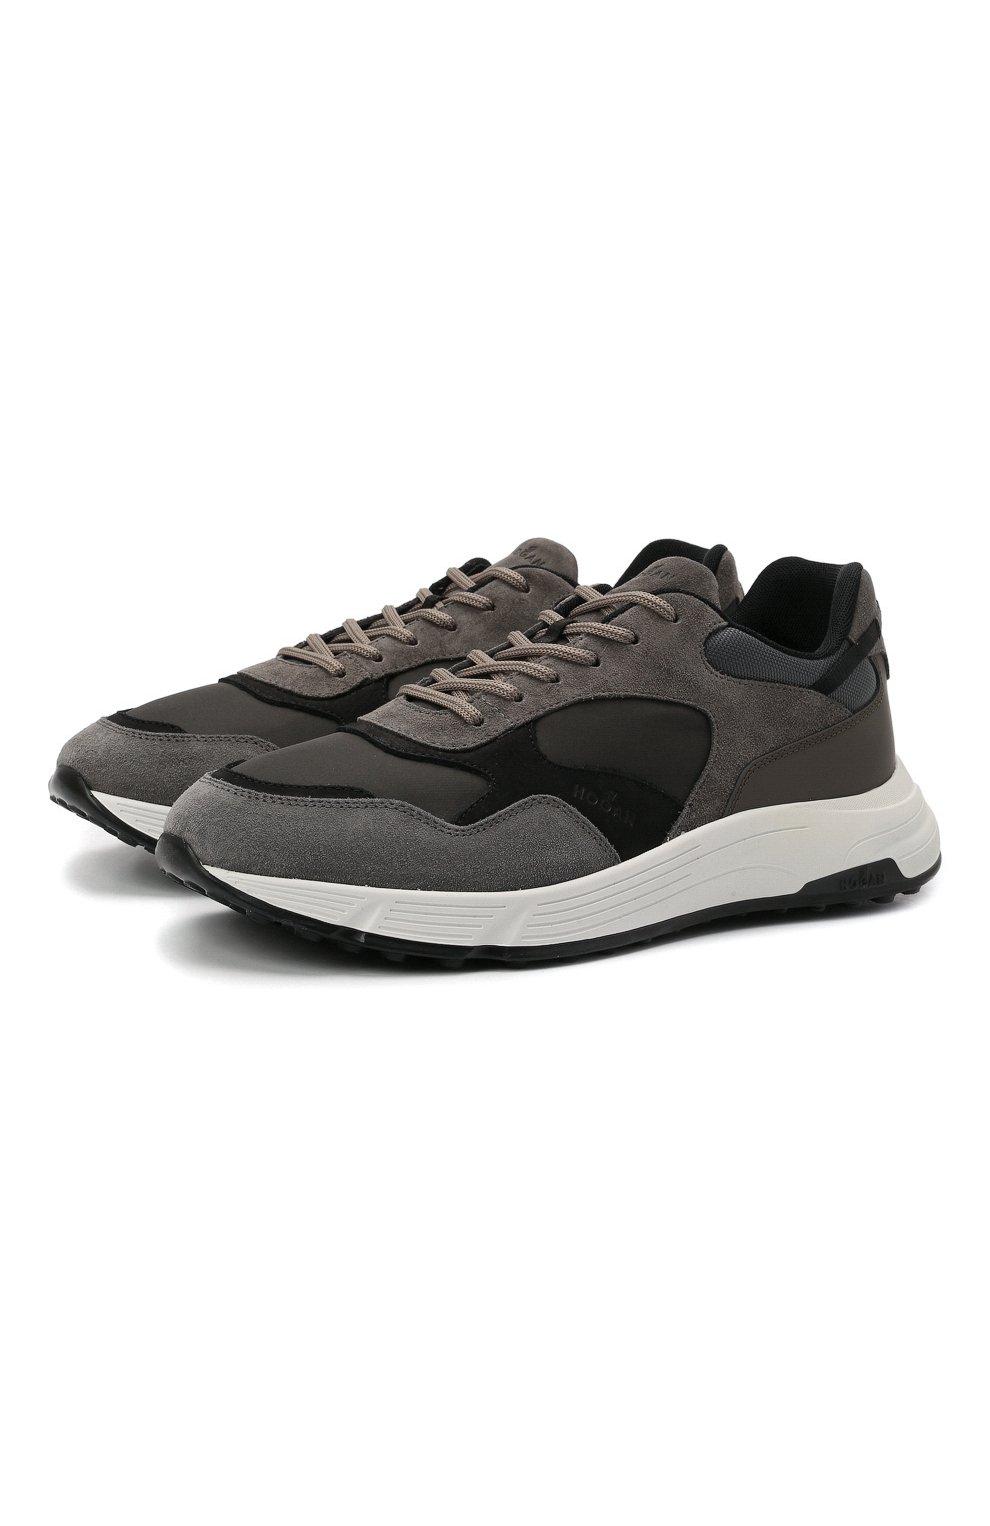 Мужские комбинированные кроссовки HOGAN серого цвета, арт. HXM5630DM90QDH   Фото 1 (Материал внешний: Текстиль; Материал внутренний: Текстиль; Подошва: Массивная)